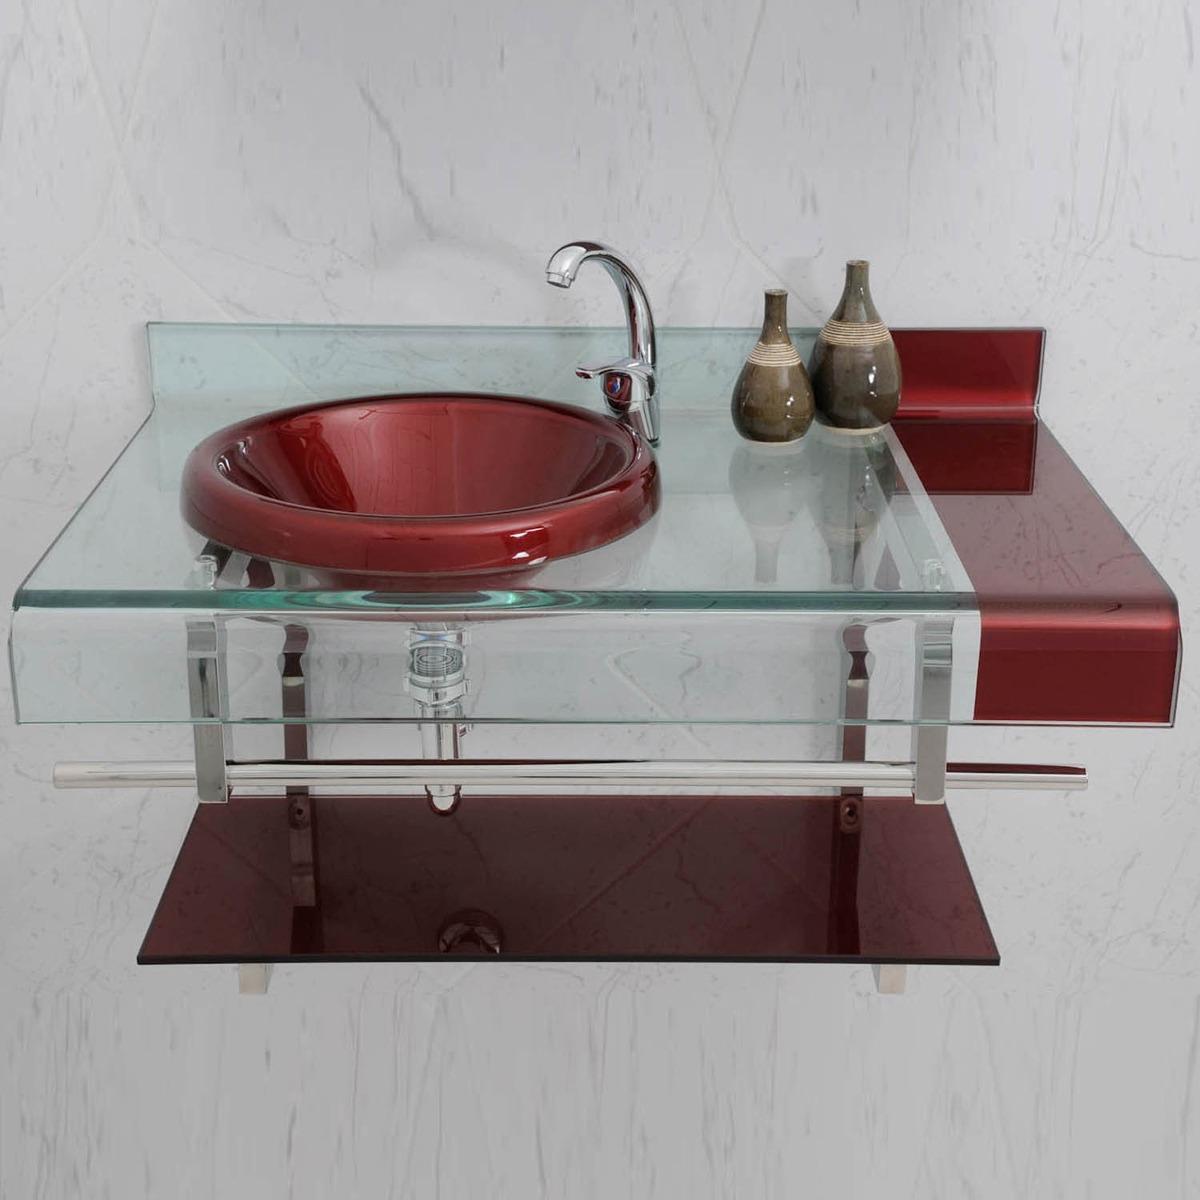 Kit Gabinete /pia/ Bancada Banheiro Astra Estilo Chopin 90cm R$ 999  #69302F 1200x1200 Bancada Banheiro Astra